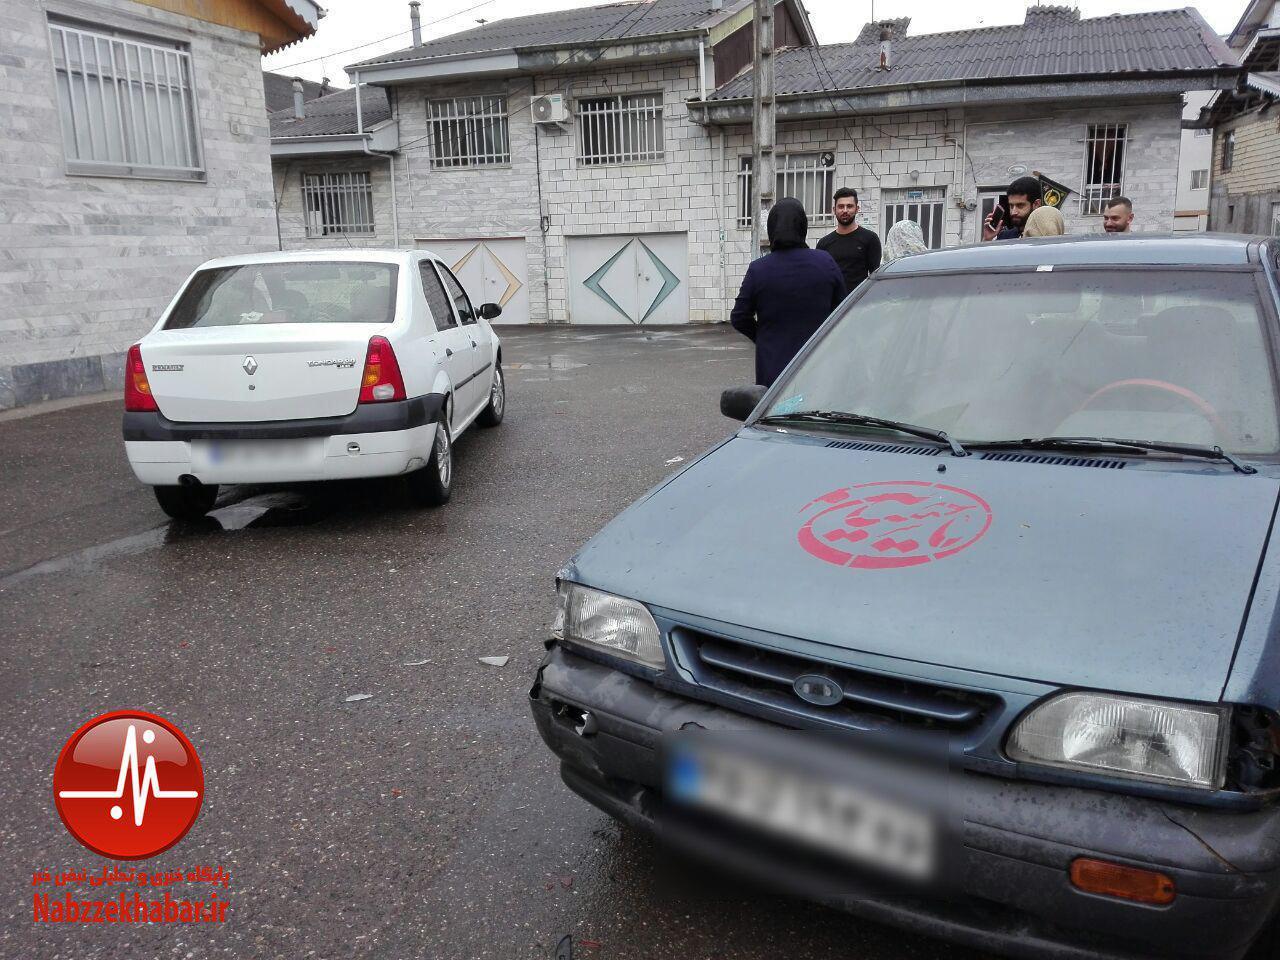 بی توجهی راهنمایی و رانندگی به درخواست شهروندان حادثه آفرید